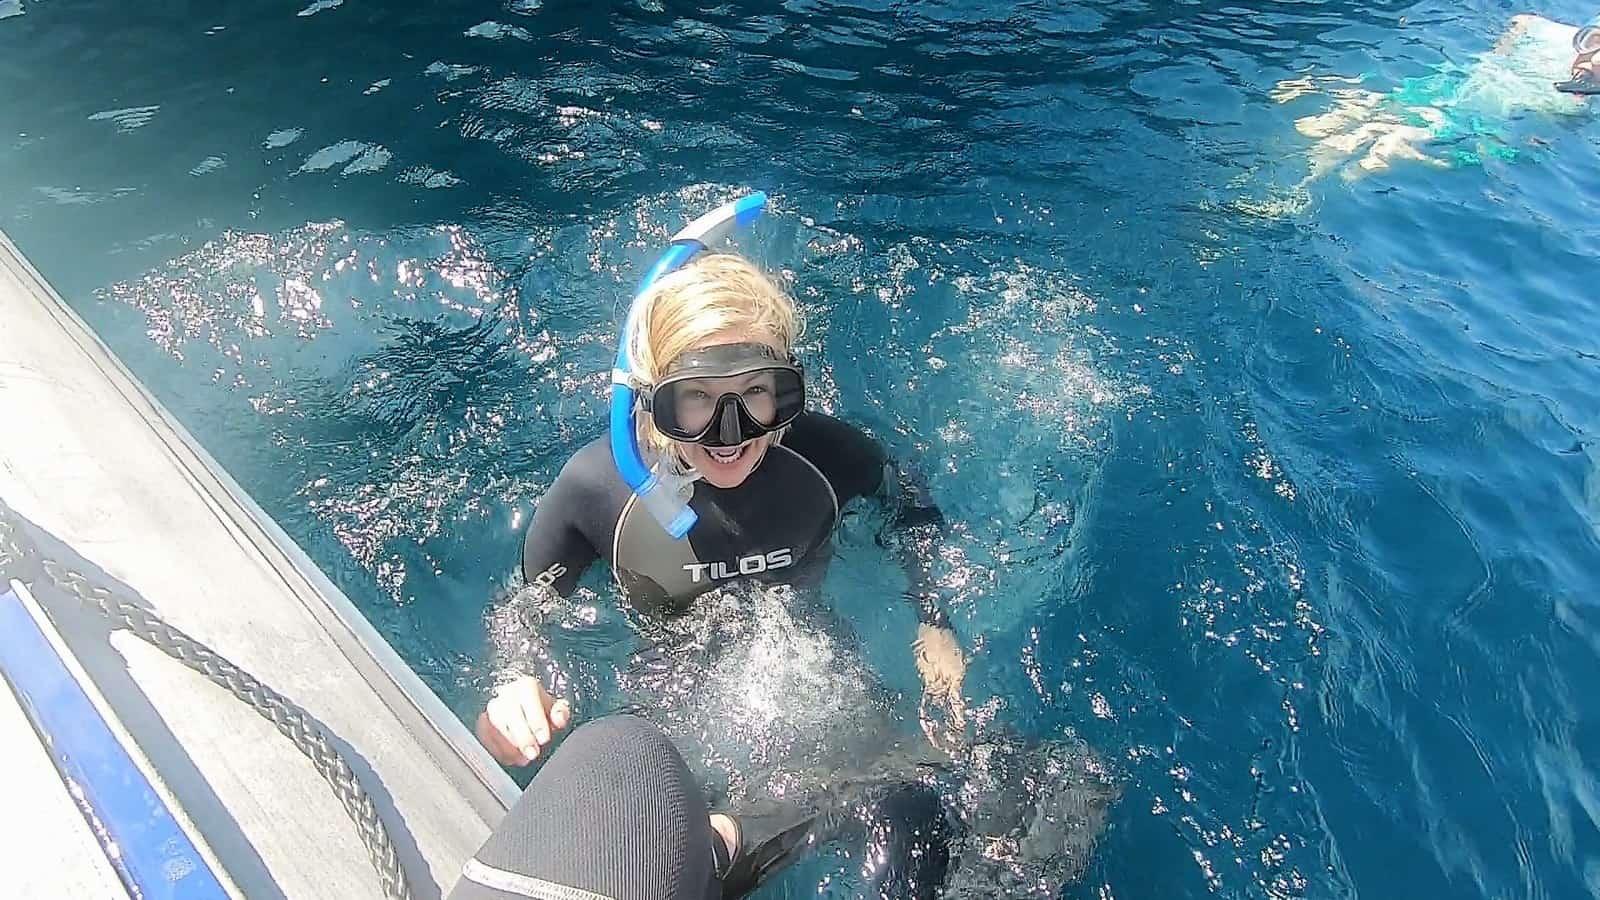 Tina snorkeling